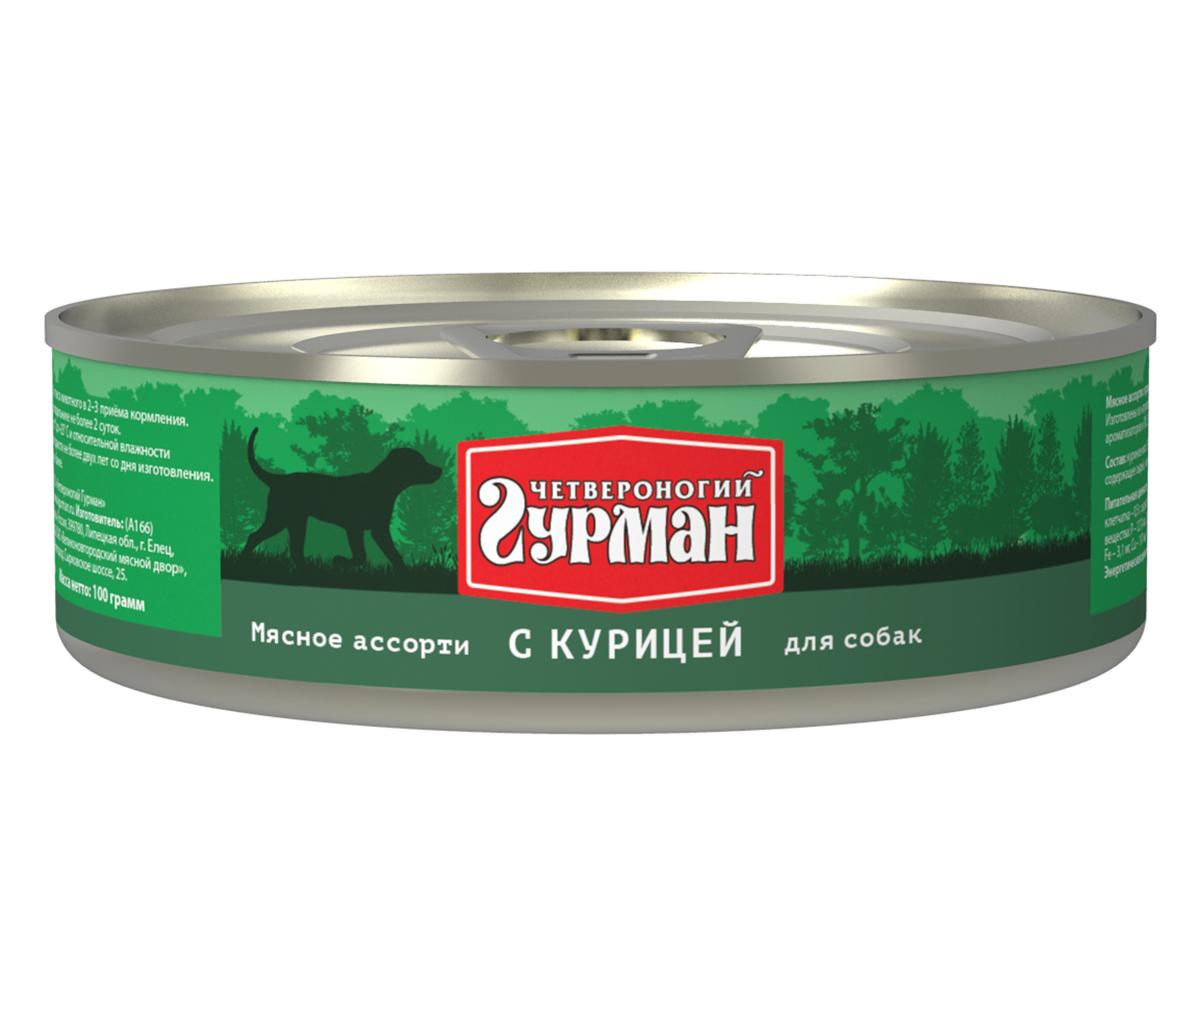 Консервы для собак Четвероногий гурман Мясное ассорти с курицей, 100 г103101005Мясное ассорти - влажный мясной корм суперпремиум класса, состоящий из разных сортов мяса и качественных субпродуктов. Ведущая линейка торговой марки Четвероногий гурман. По консистенции продукт представляет собой кусочки из фарша размером 3-15 мм. В состав входит коллаген. Его компоненты (хондроитин и глюкозамин) положительно воздействуют на суставы питомца. Корм не содержит злаков и овощей. Состав: куриное мясо (33%), рубец (20%), легкое, сердце, печень, коллагенсодержащее сырьё, животный белок, масло растительное, соль, вода. Вес: 100 г.